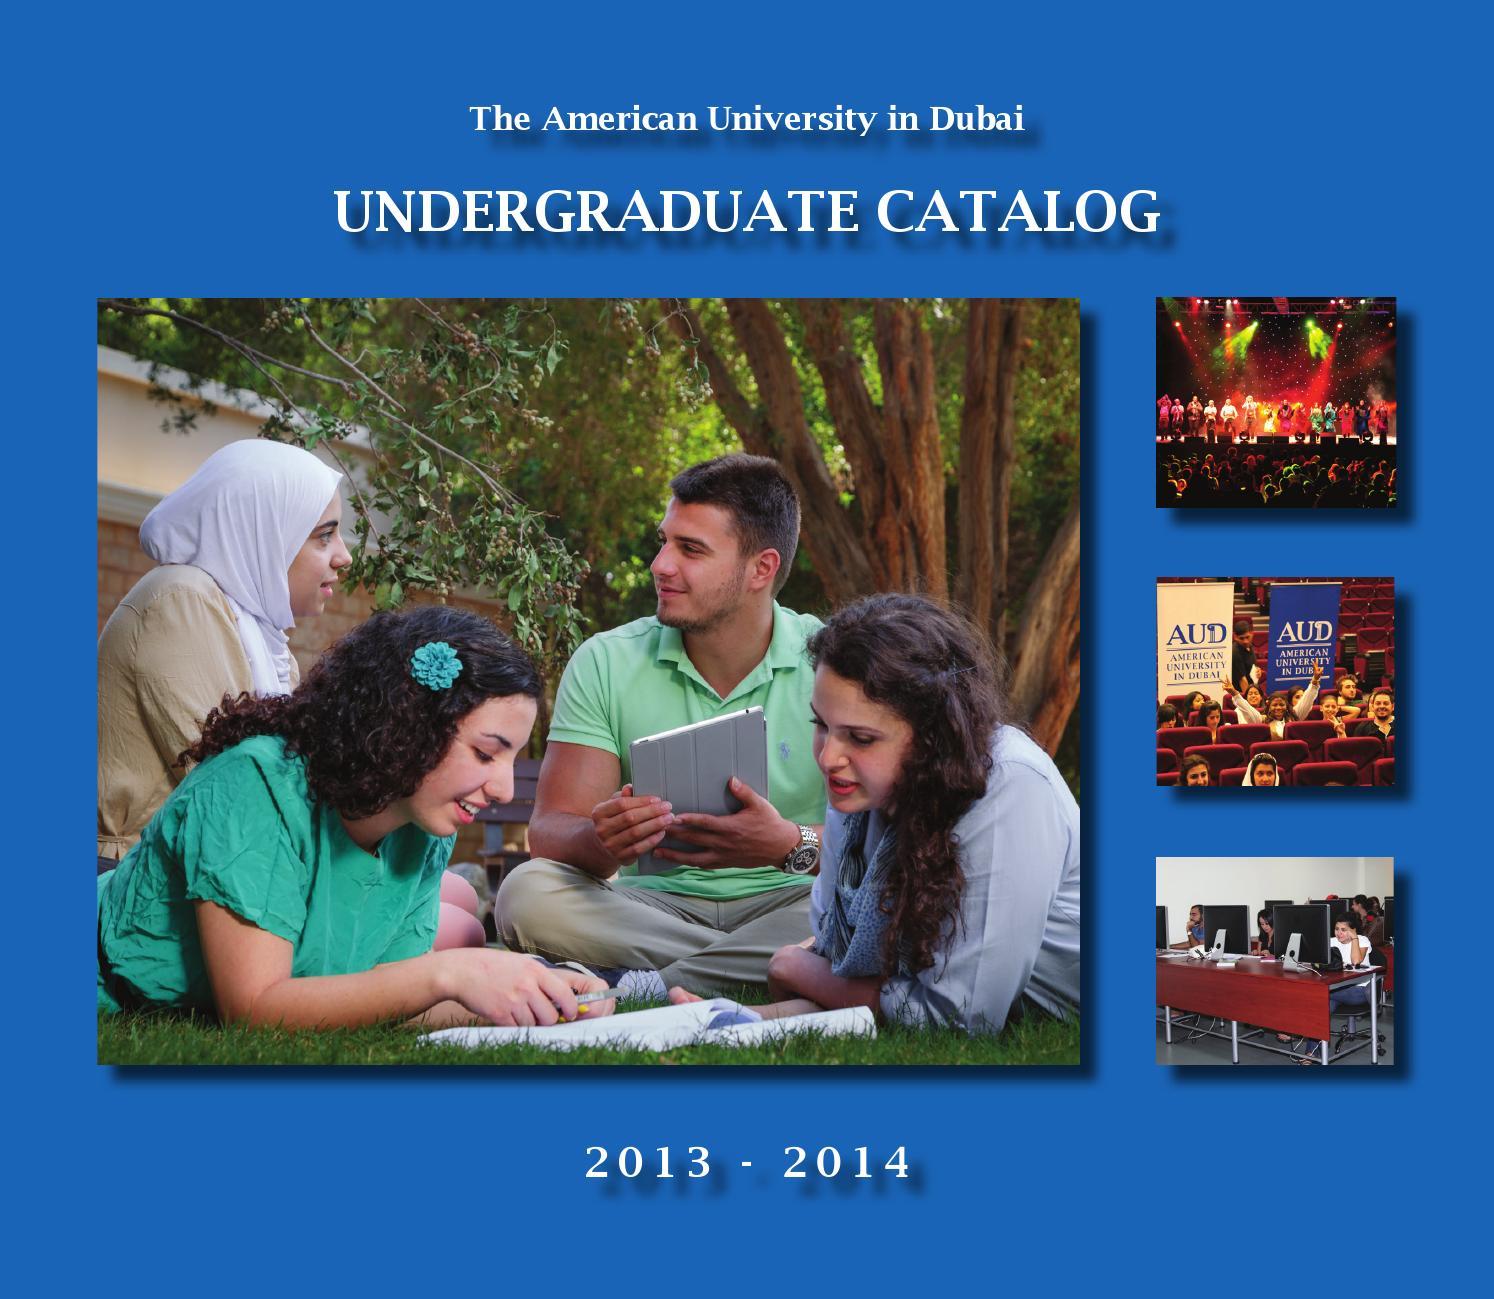 Undergraduate Catalog 2013 2014